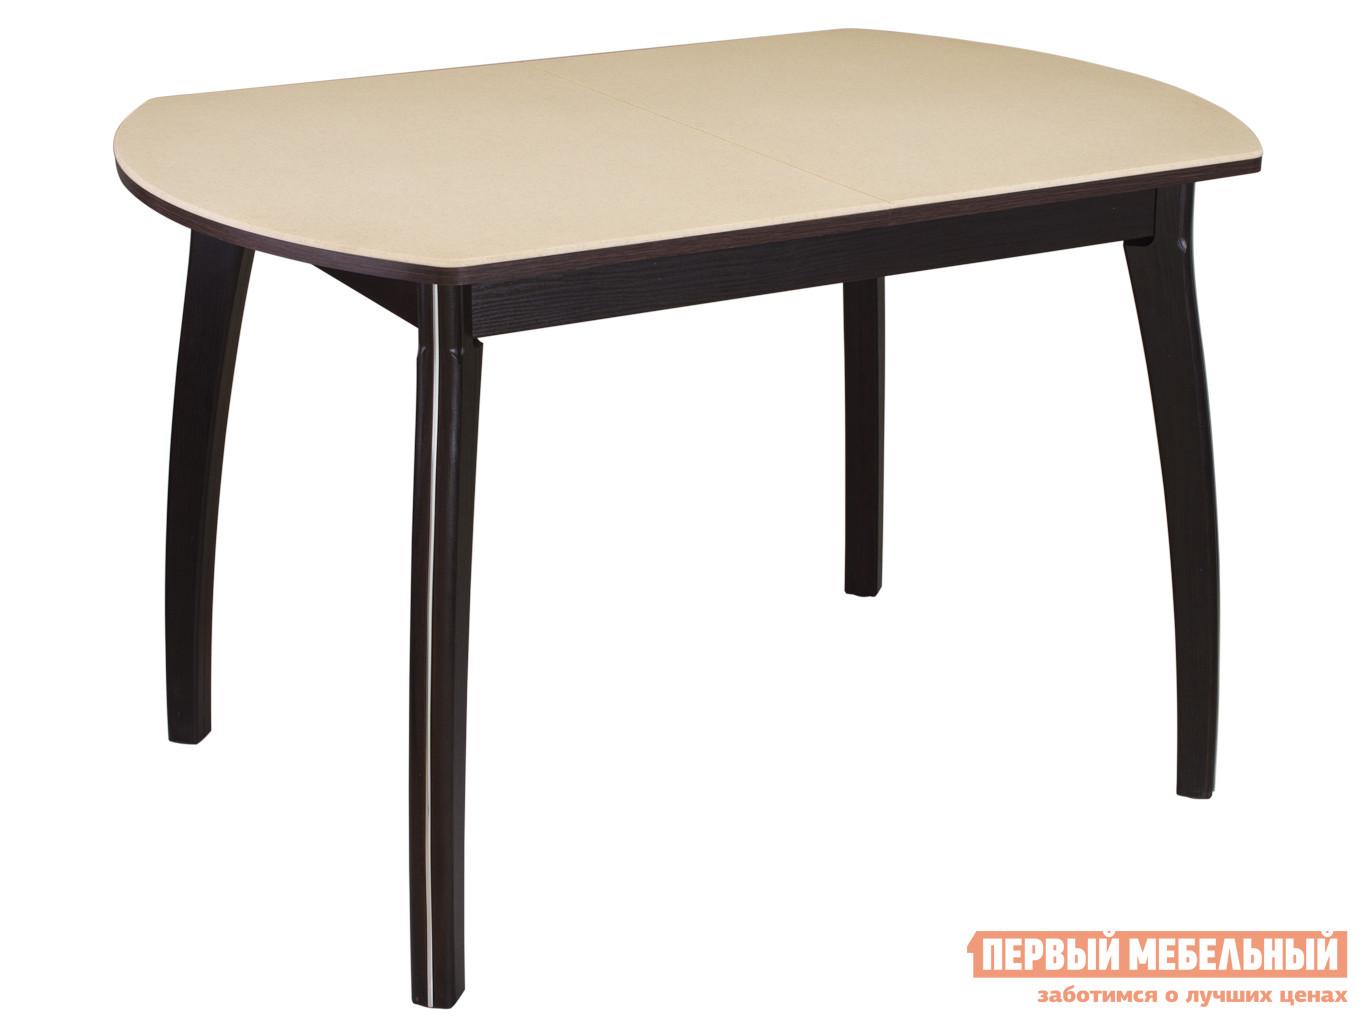 Обеденный стол  Обеденный стол Румба ПО КМ Бежевый 06 / Венге ВН, Средний